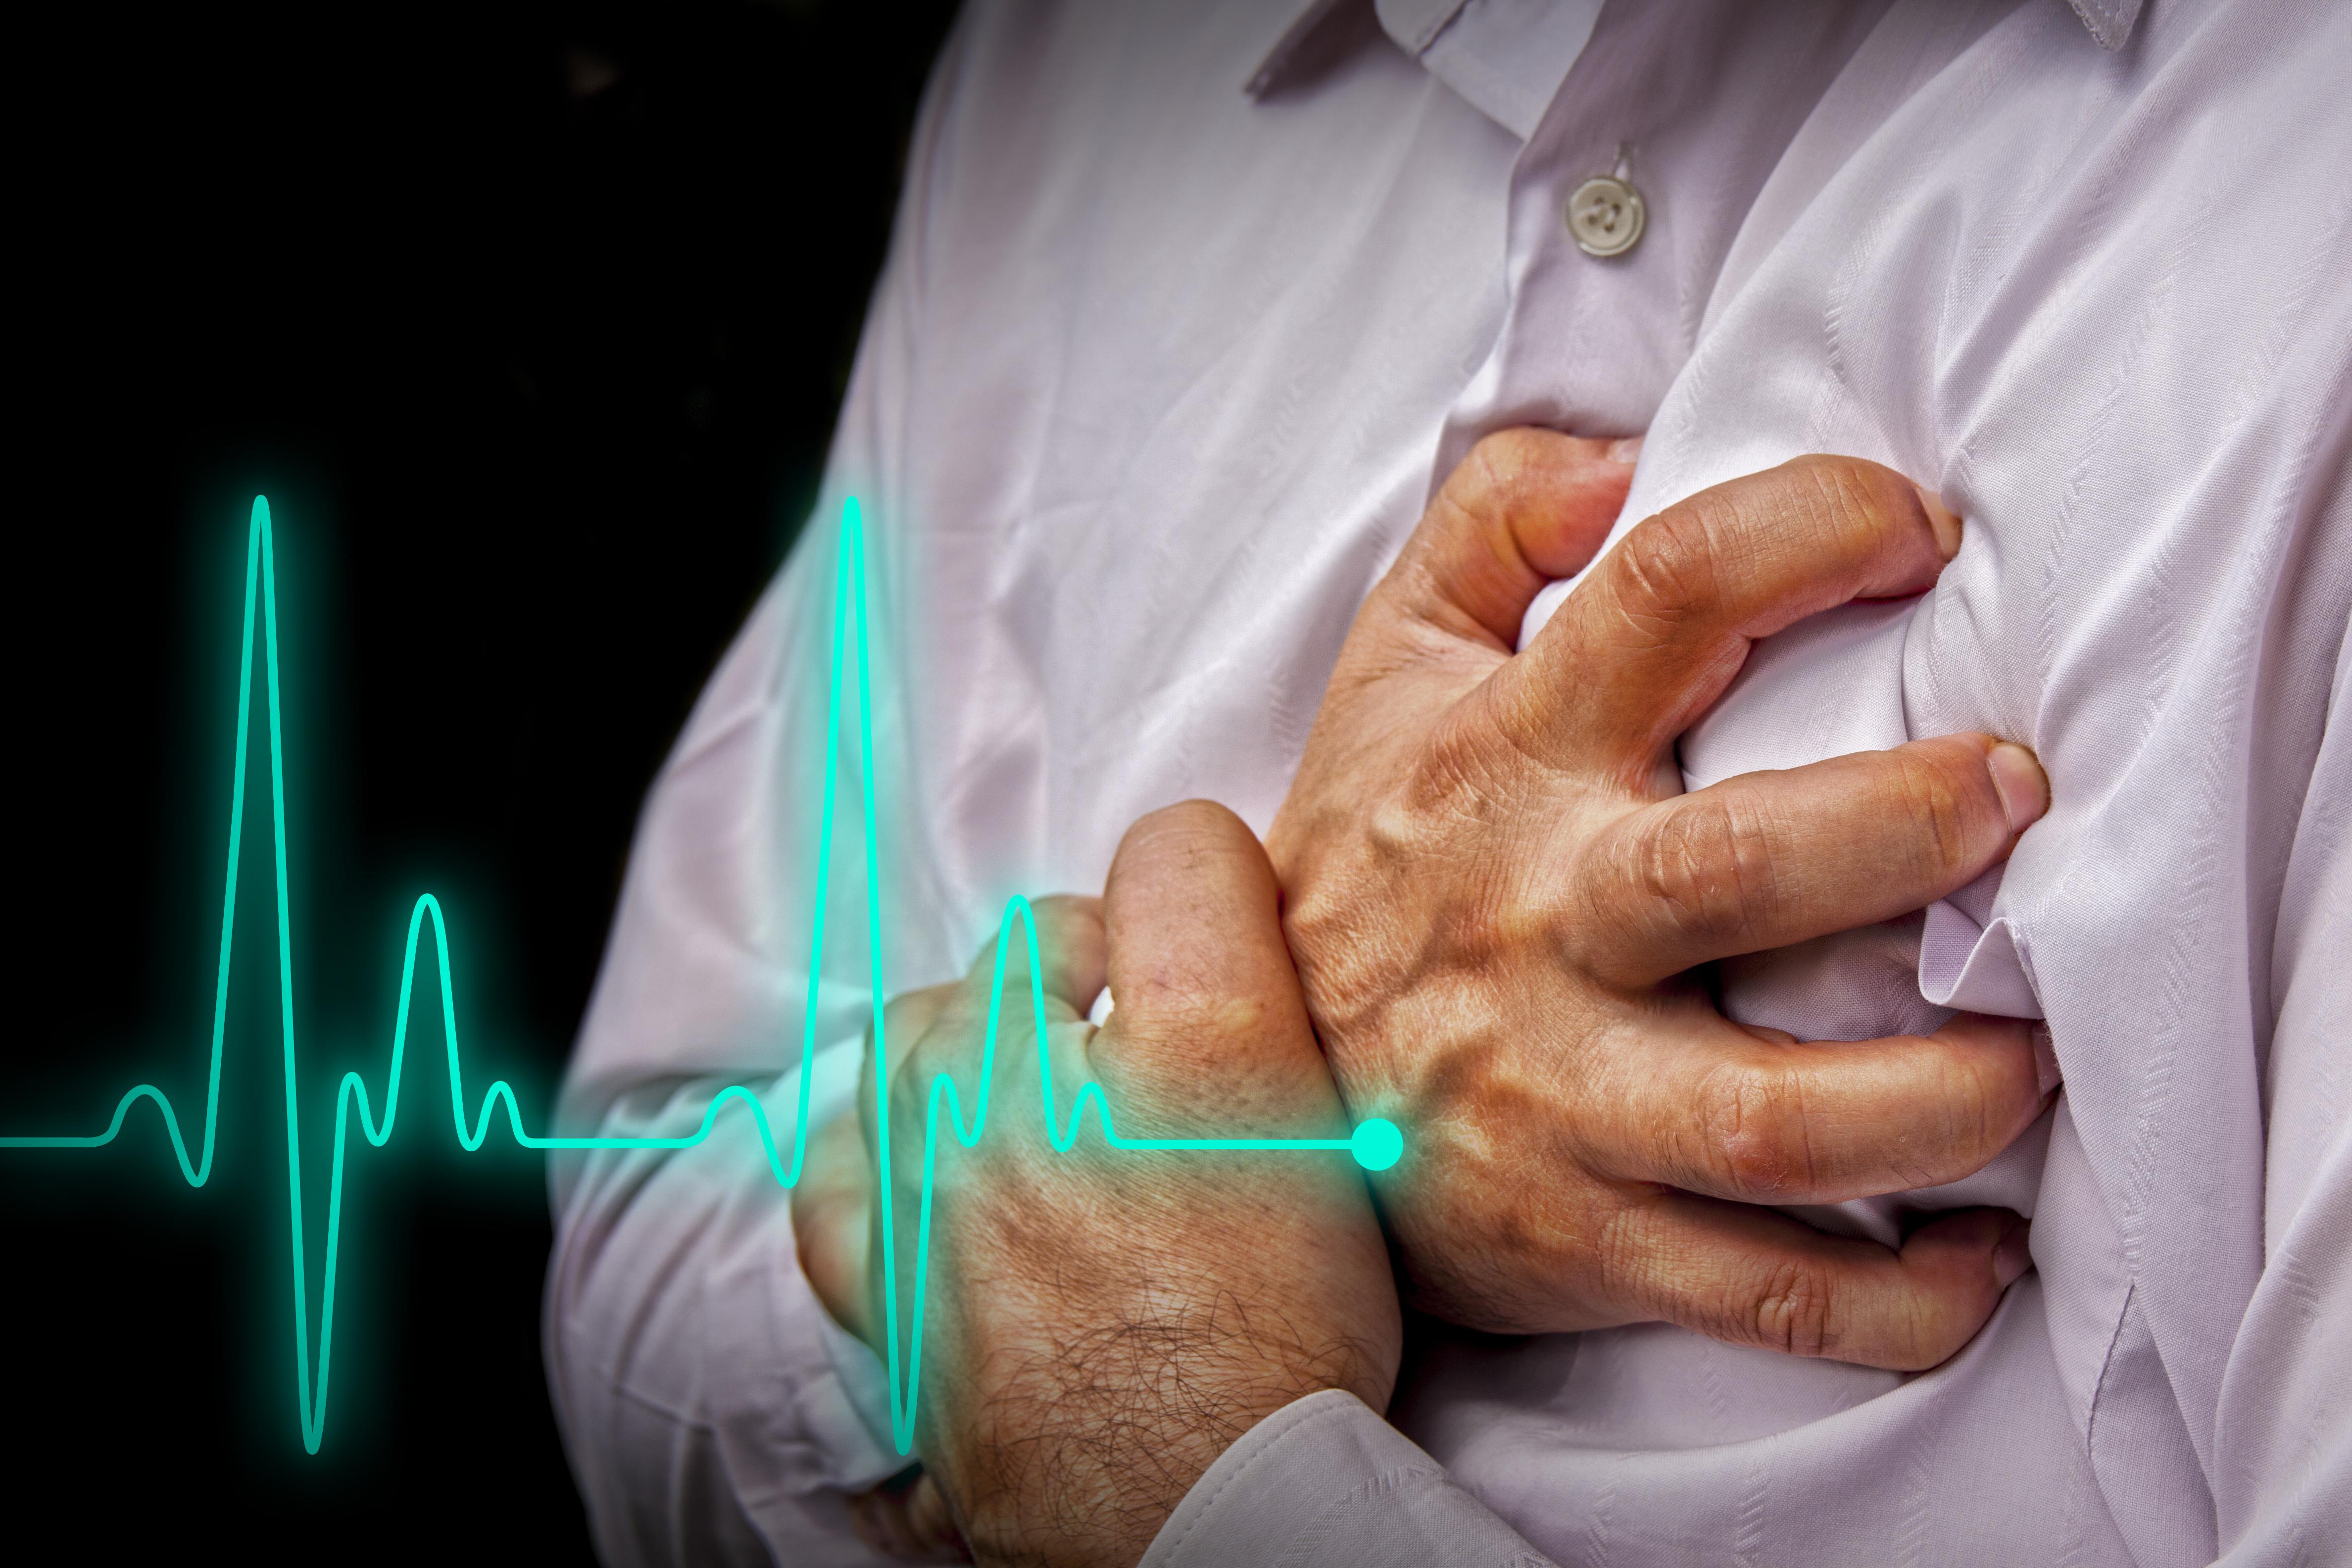 Une activité cérébrale accrue, causée par des événements stressants peut entraîner le syndrome de Takotsubo (TTS pour Takotsubo syndrome ) une forme de cardiopathie rare et mortelle (Visuel Adobe Stock 69364543)